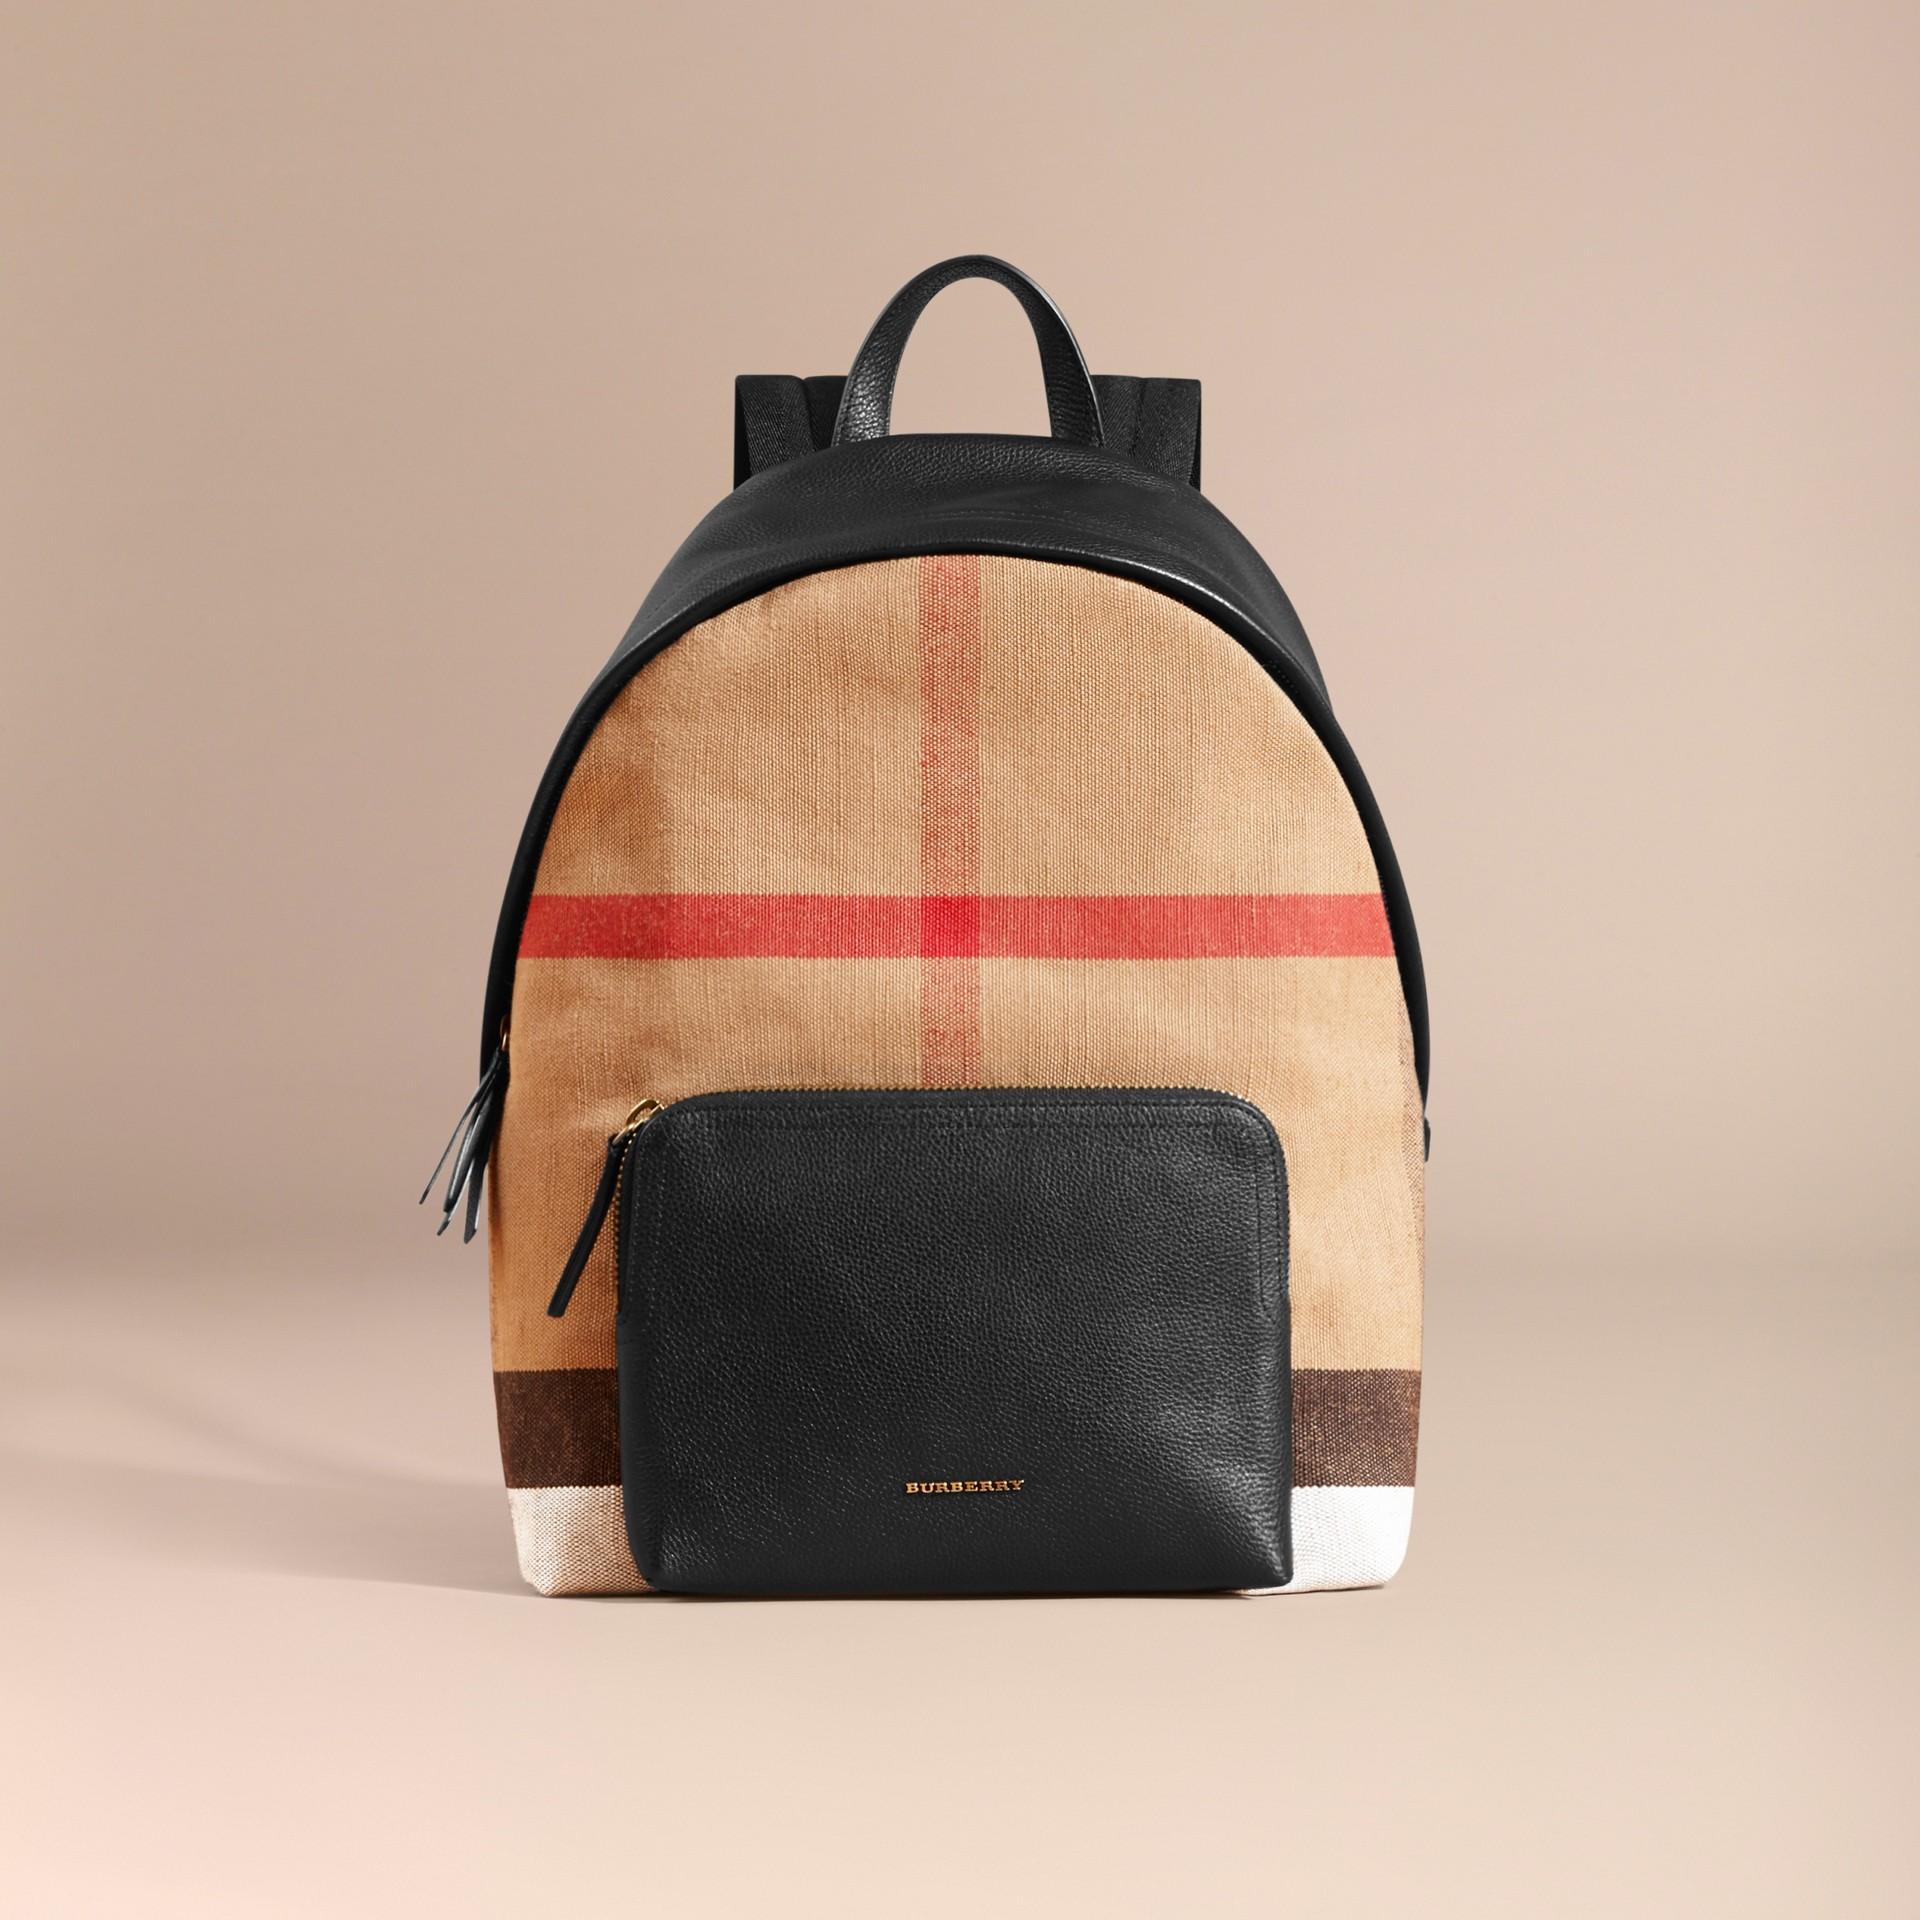 Schwarz Rucksack aus Canvas Check-Gewebe mit Lederbesatz - Galerie-Bild 8